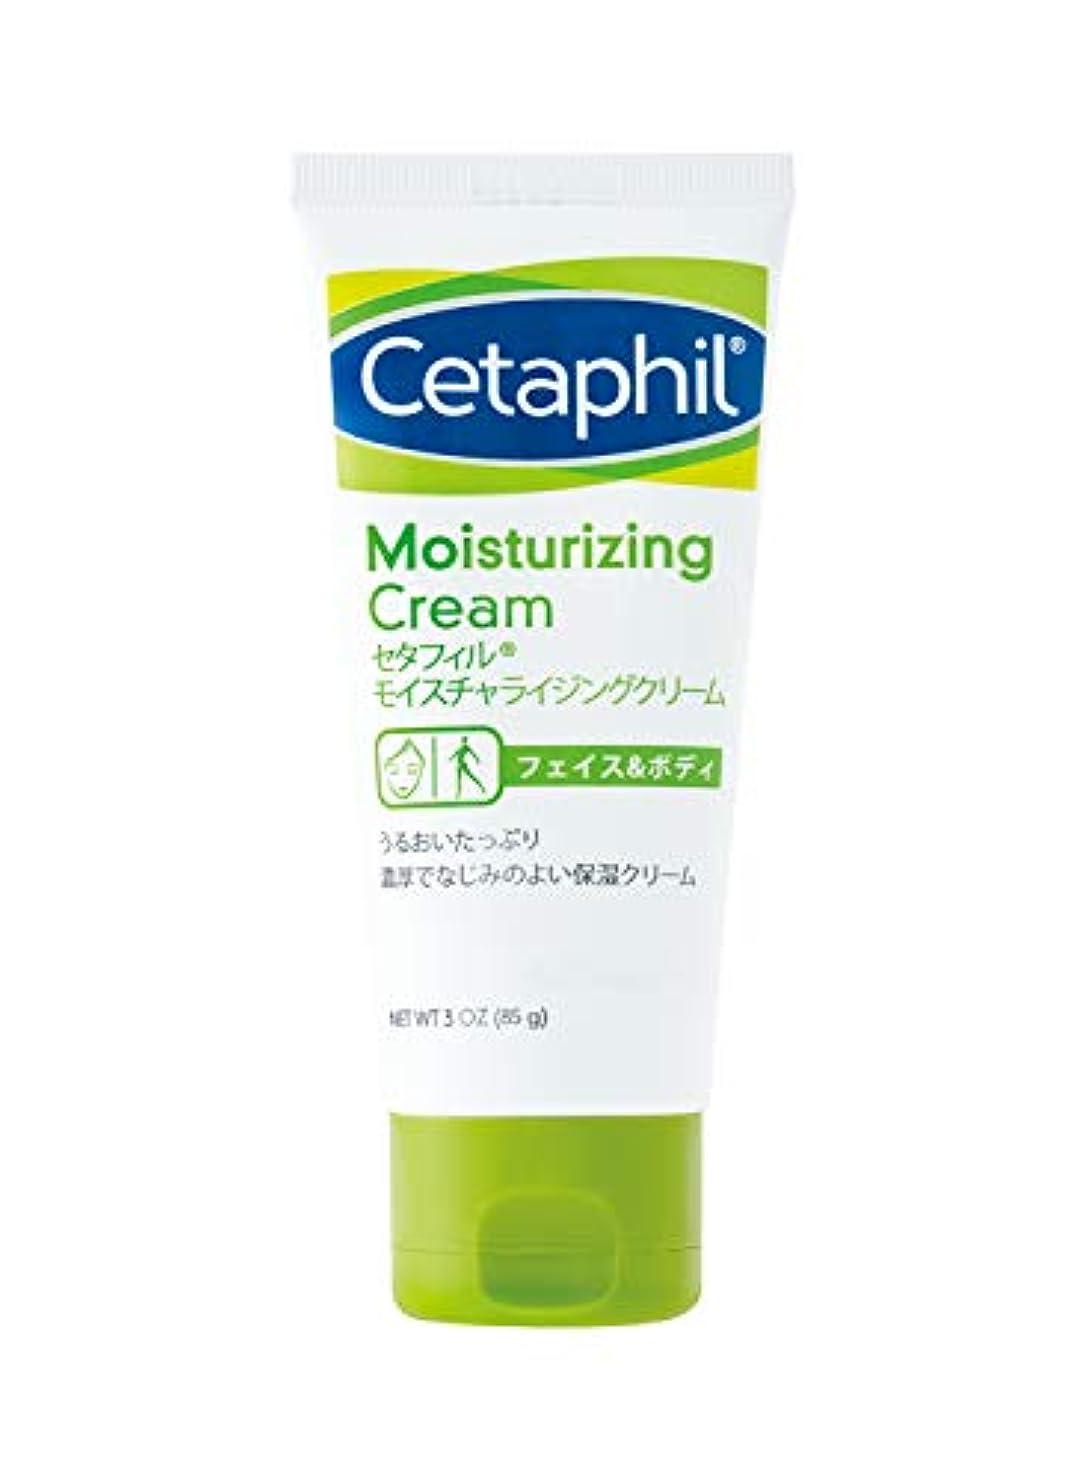 の慈悲で乱雑なネズミセタフィル Cetaphil ® モイスチャライジングクリーム 85g ( フェイス & ボディ 保湿クリーム クリーム )